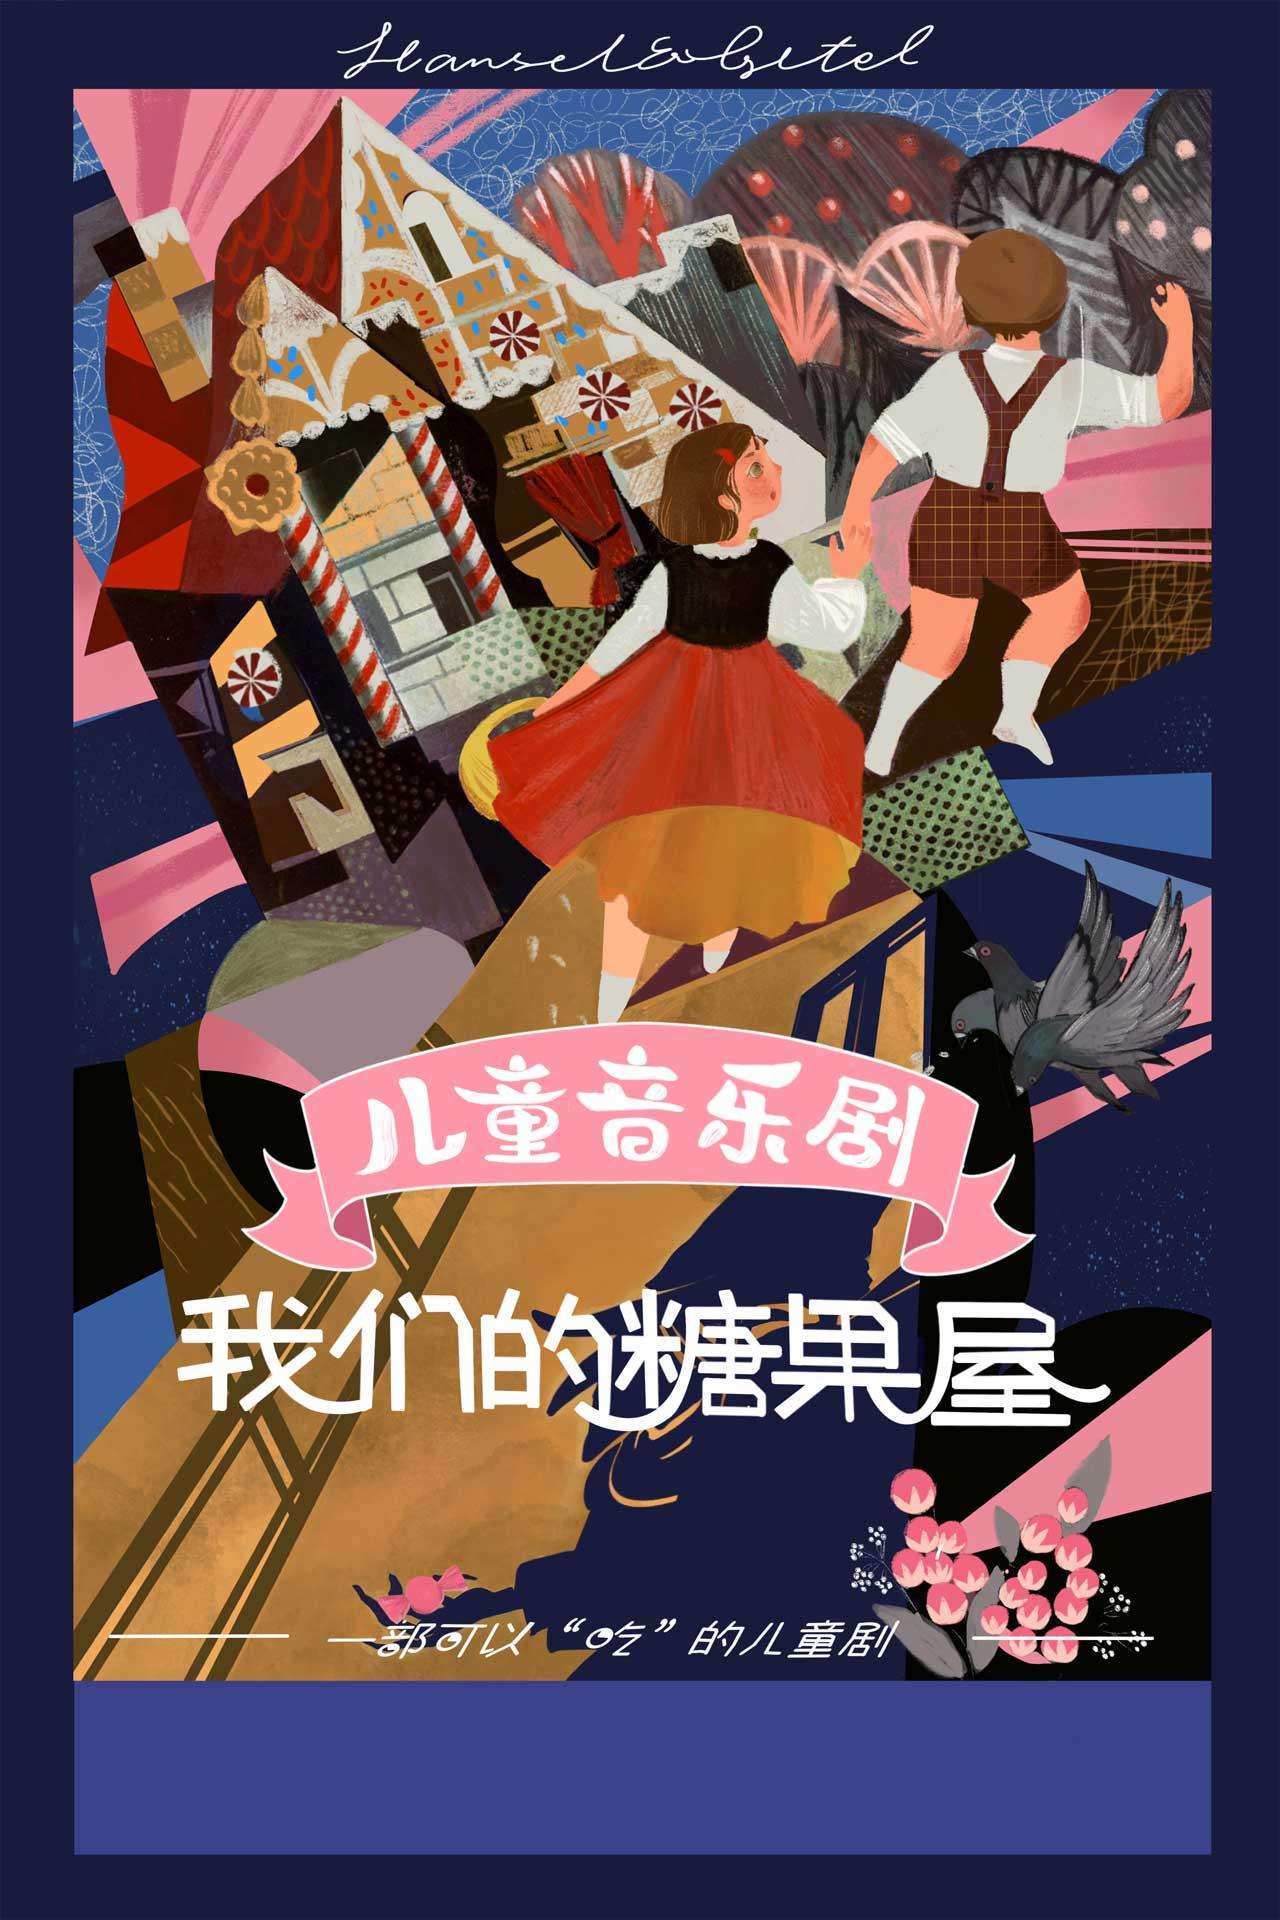 中英双语儿童音乐剧《我们的糖果屋》广州站